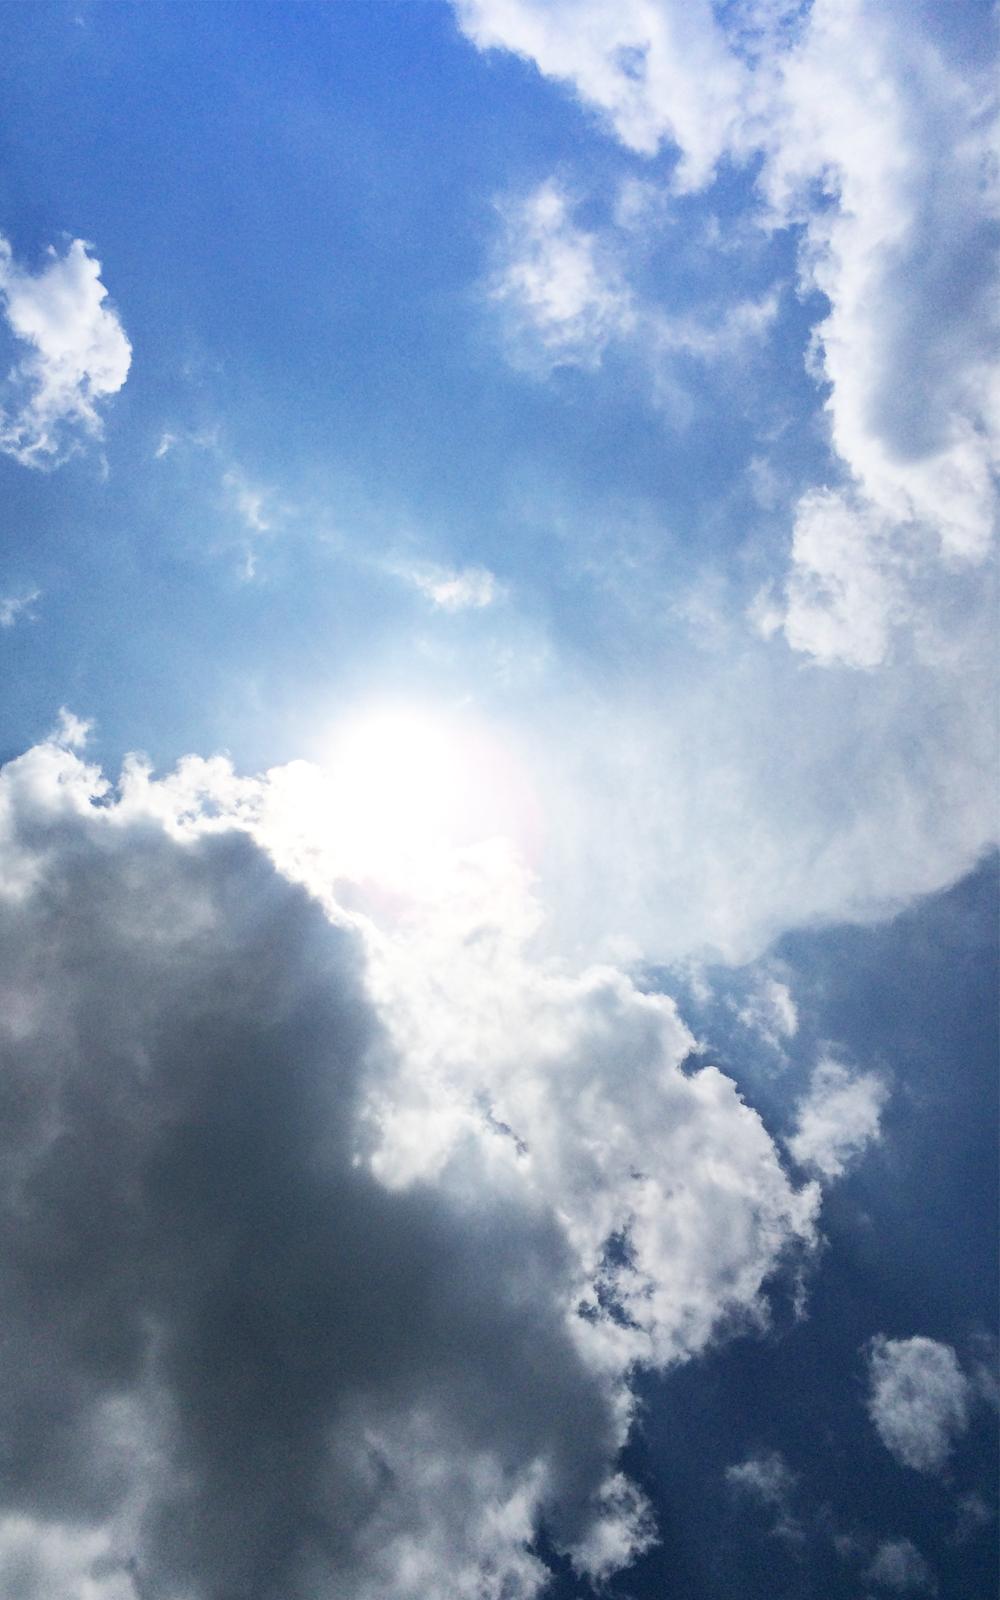 雲の間から覗く太陽の写真画像1(P034)